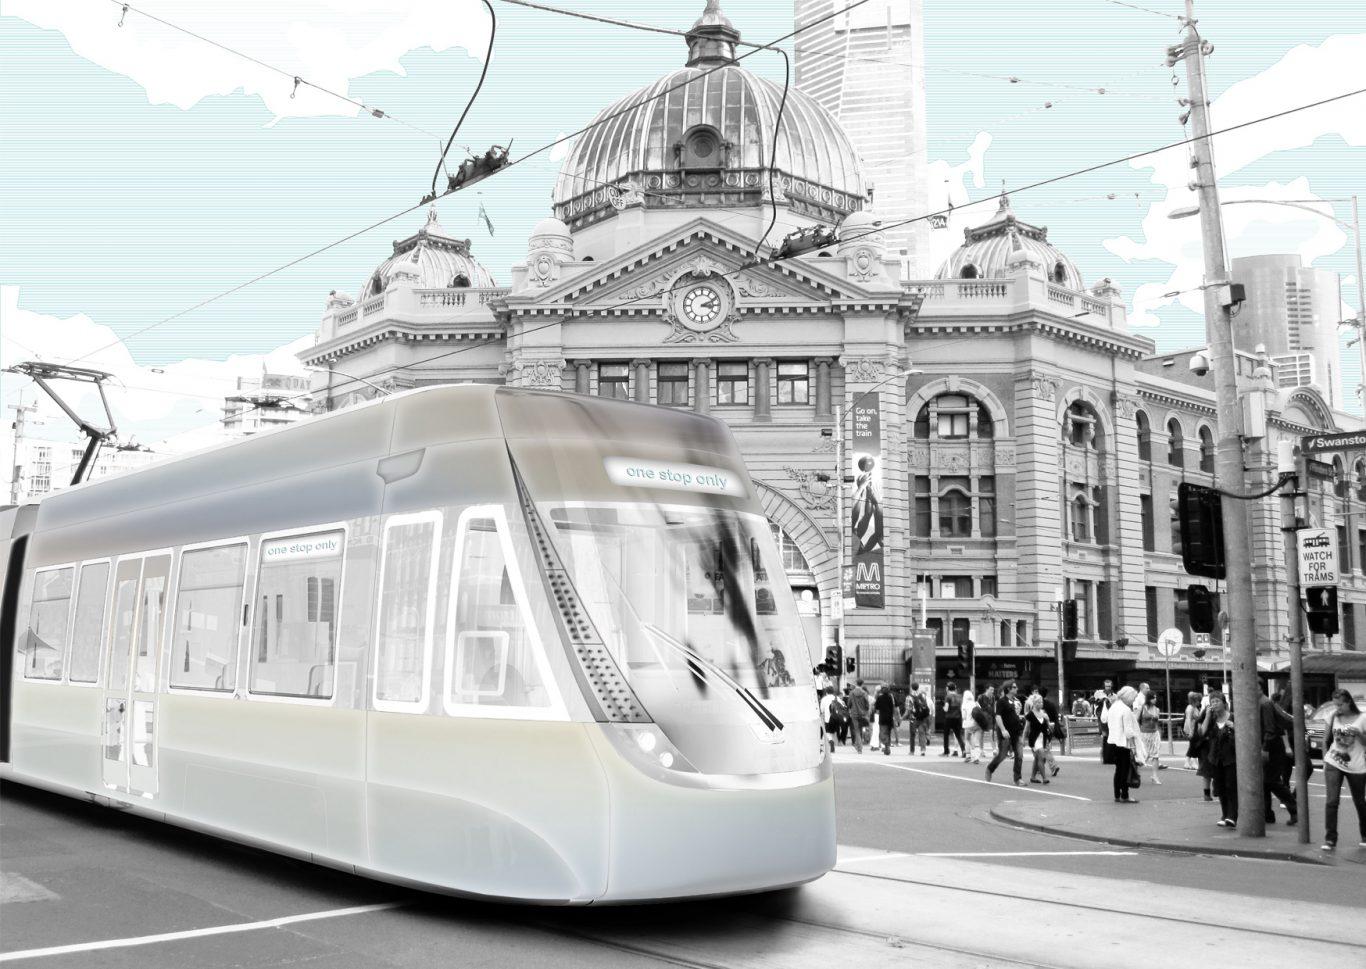 Chelsea Doorne - TramTerminal